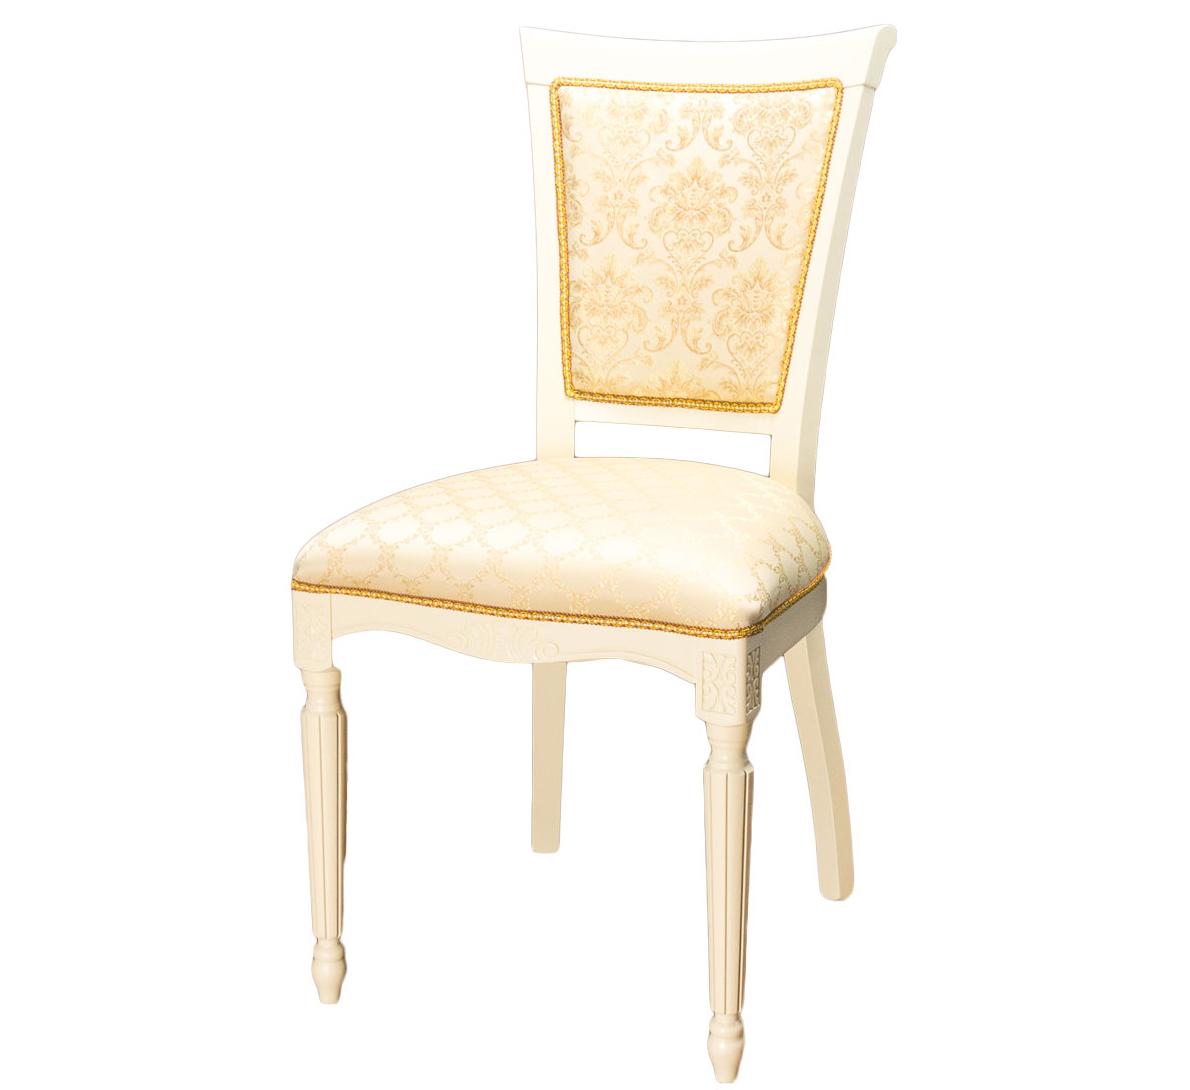 Бежевый стул из дерева с прямыми резными ножками (арт. М3299)